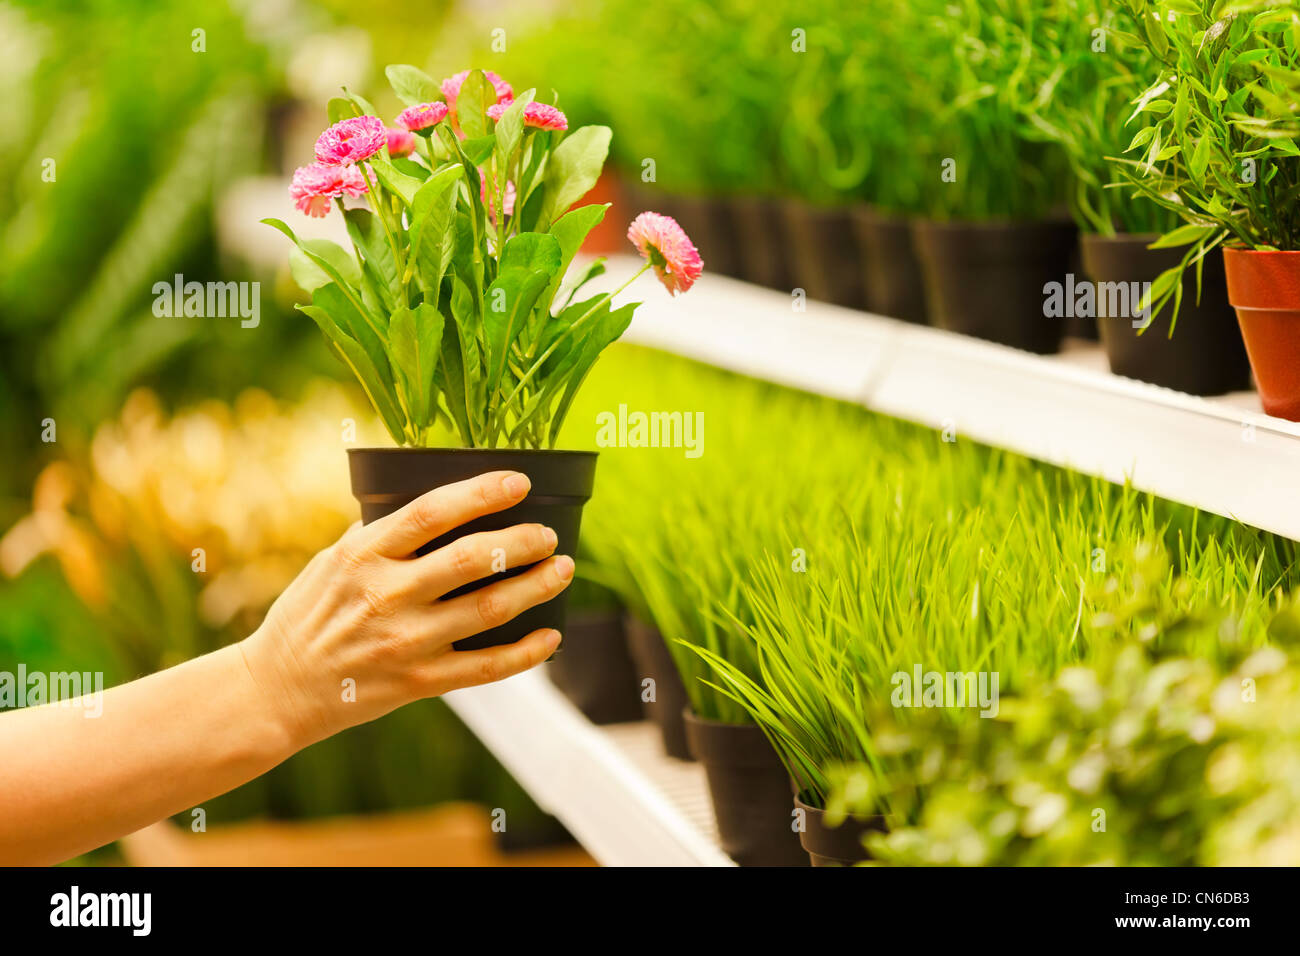 Gros plan sur les mains de prendre des pots de fleurs d'étagère de magasin Photo Stock